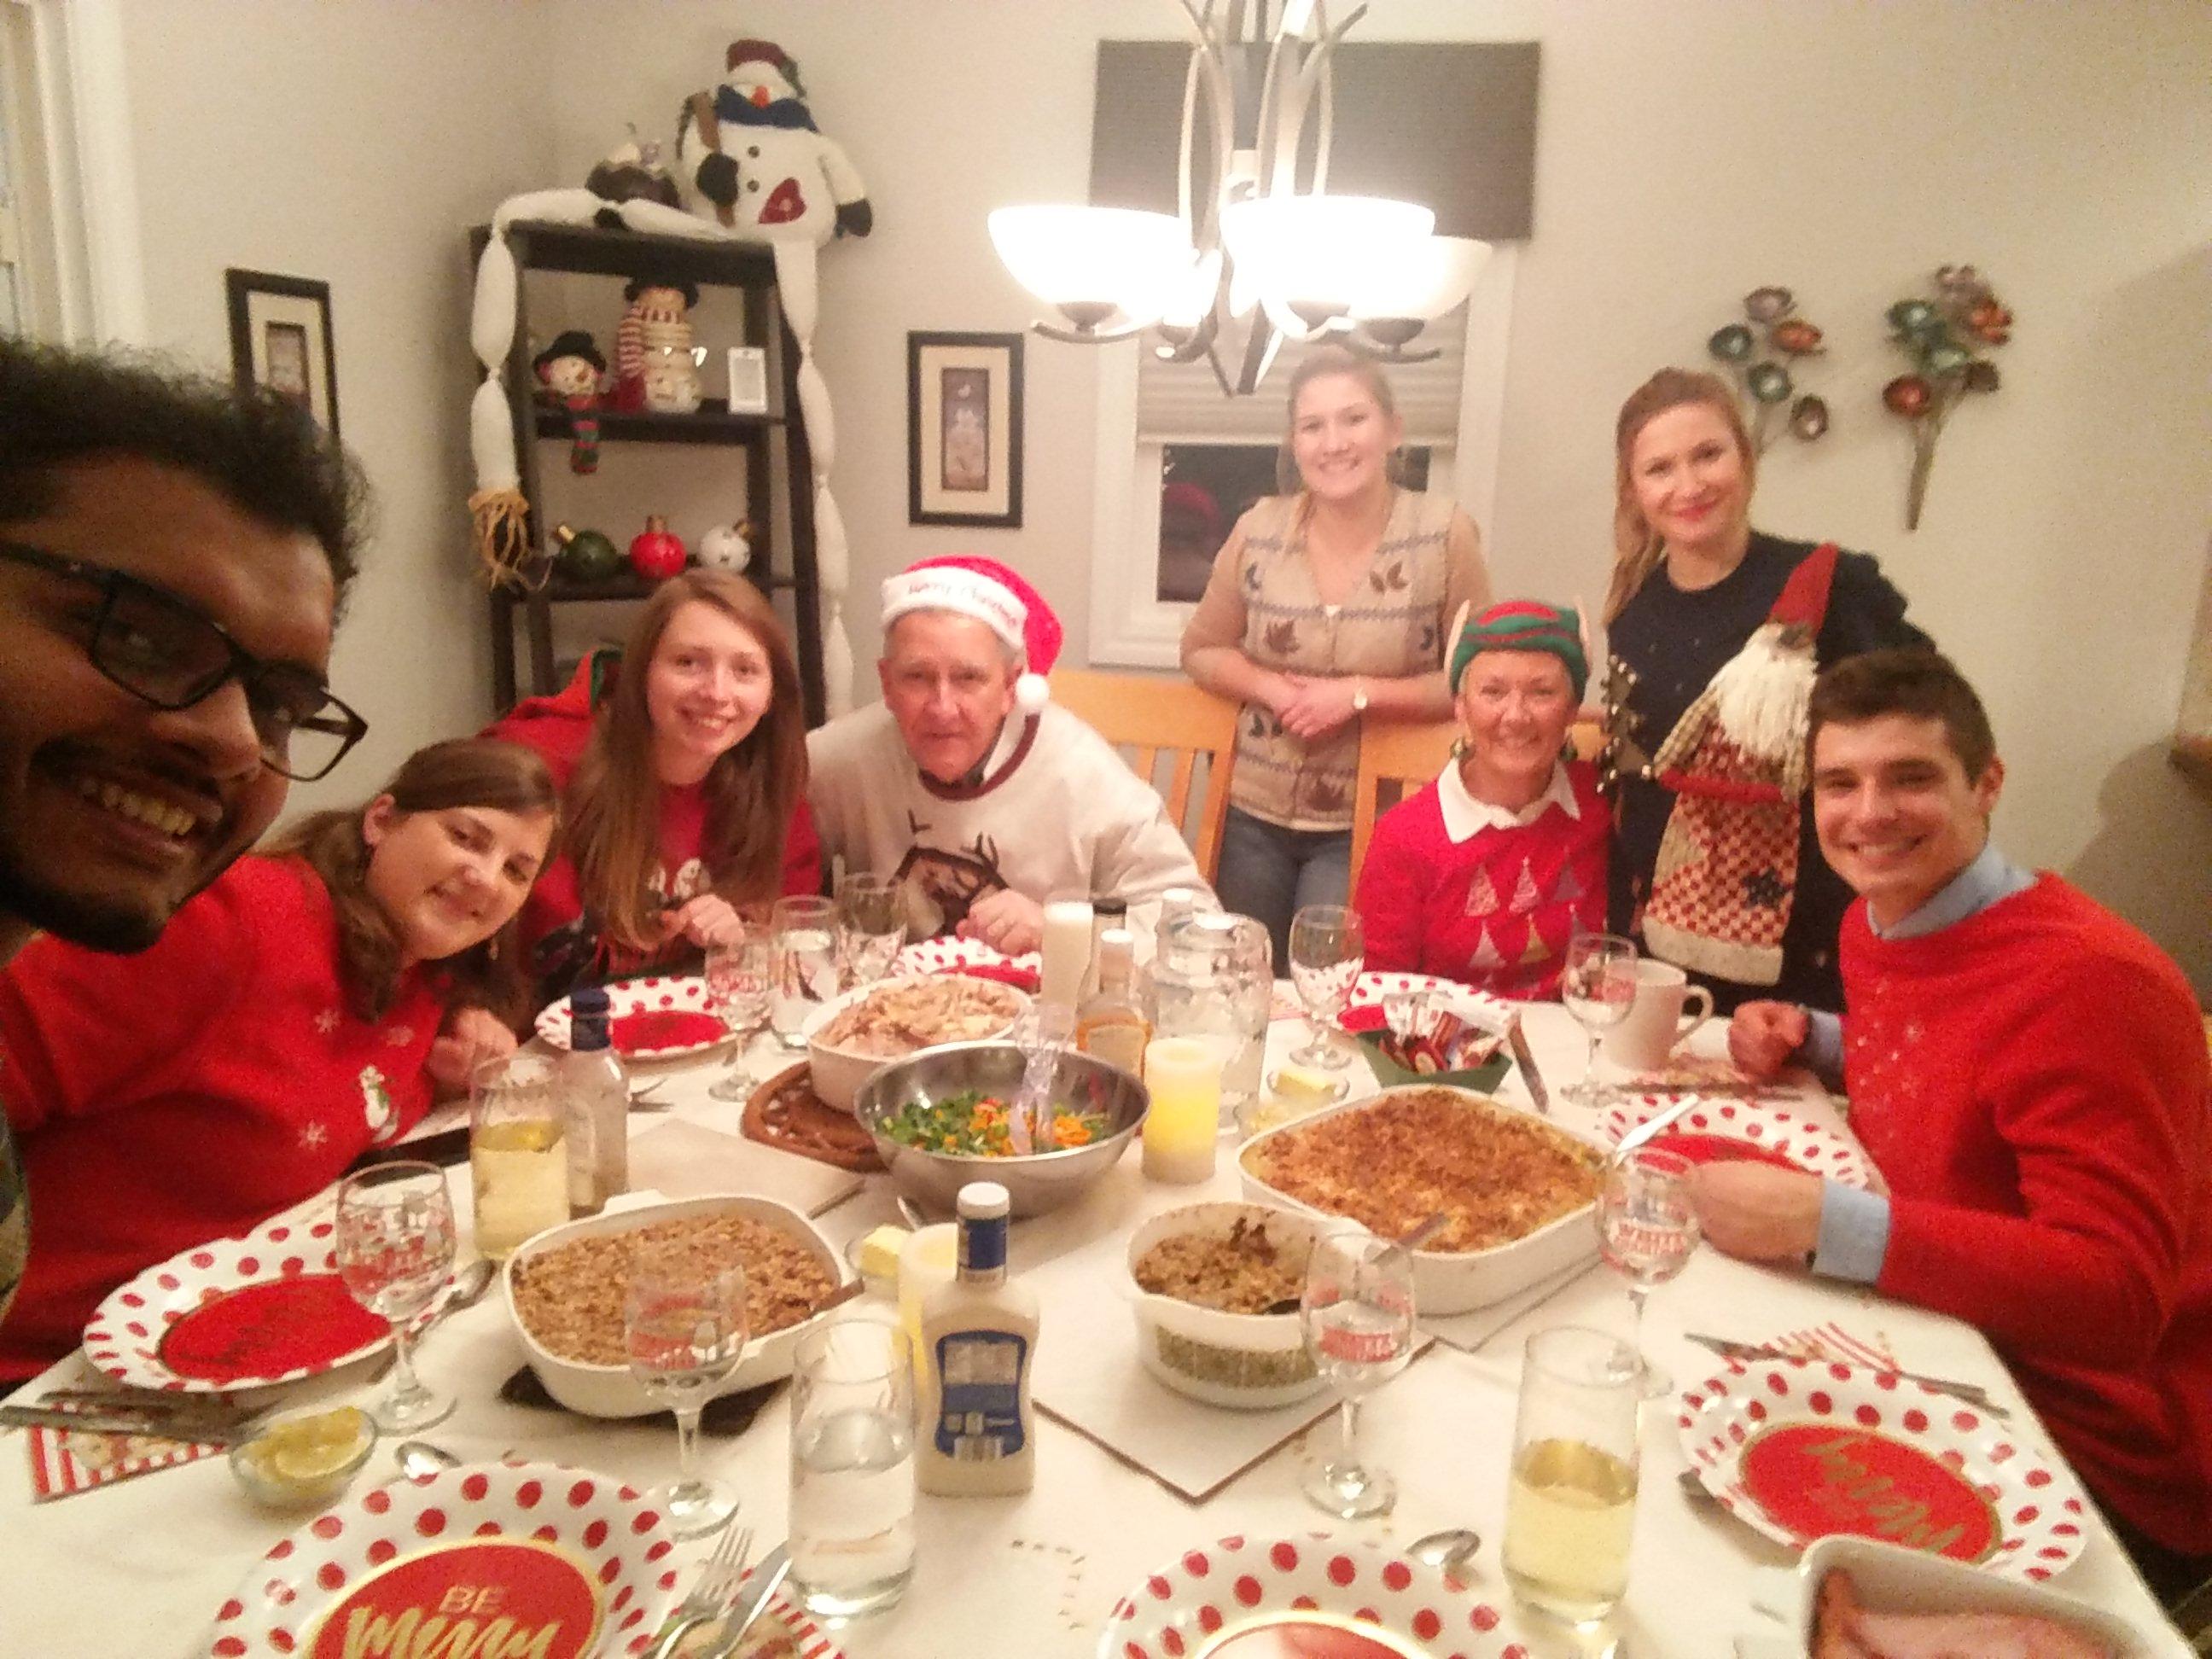 Ugly Sweater Party u Friendship Family. Źródło: zbiór własny autora